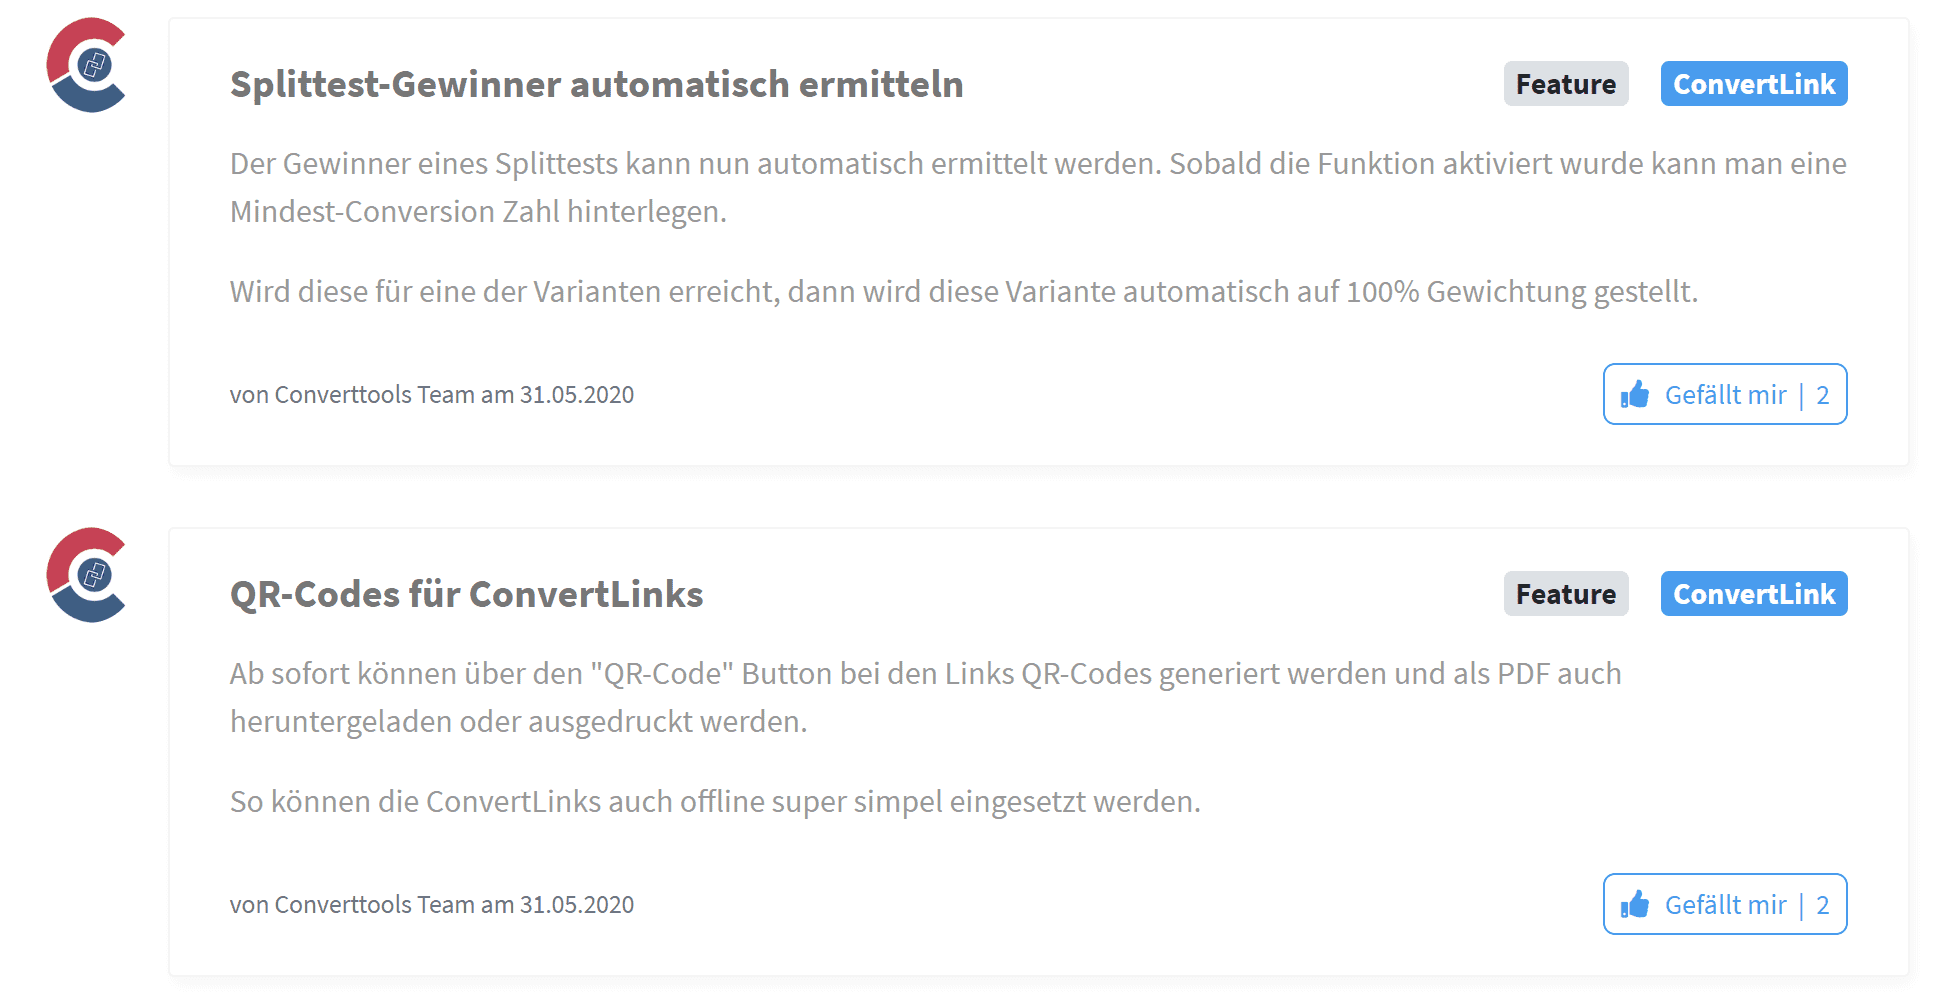 Convertlink Updates